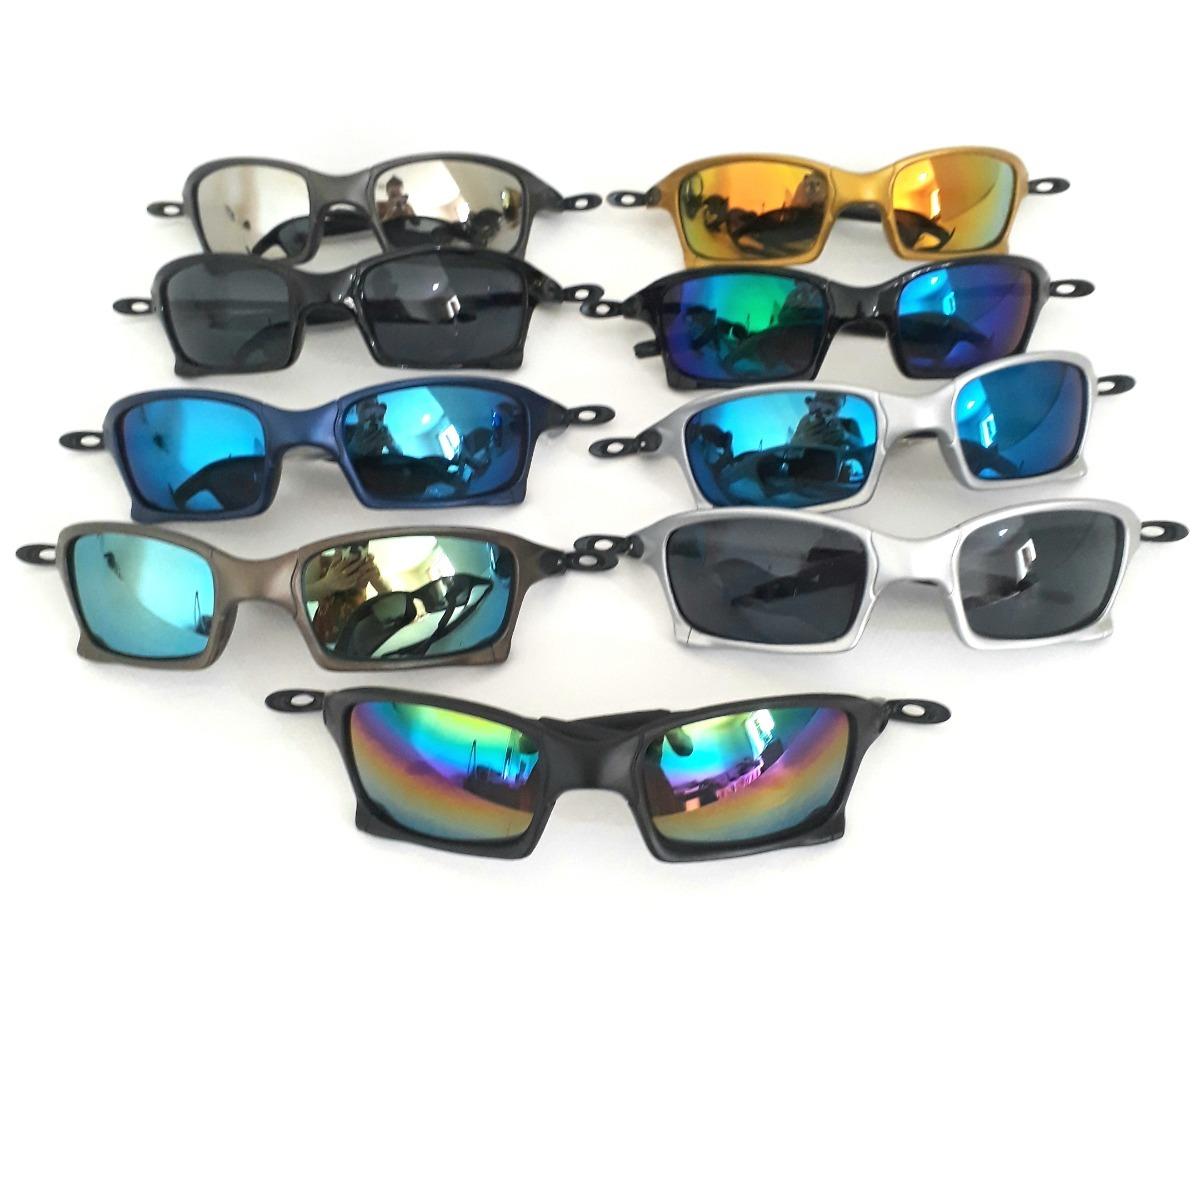 kit 13 óculos de sol juliet masculino colorido atacado rome. Carregando  zoom. 33db858f73